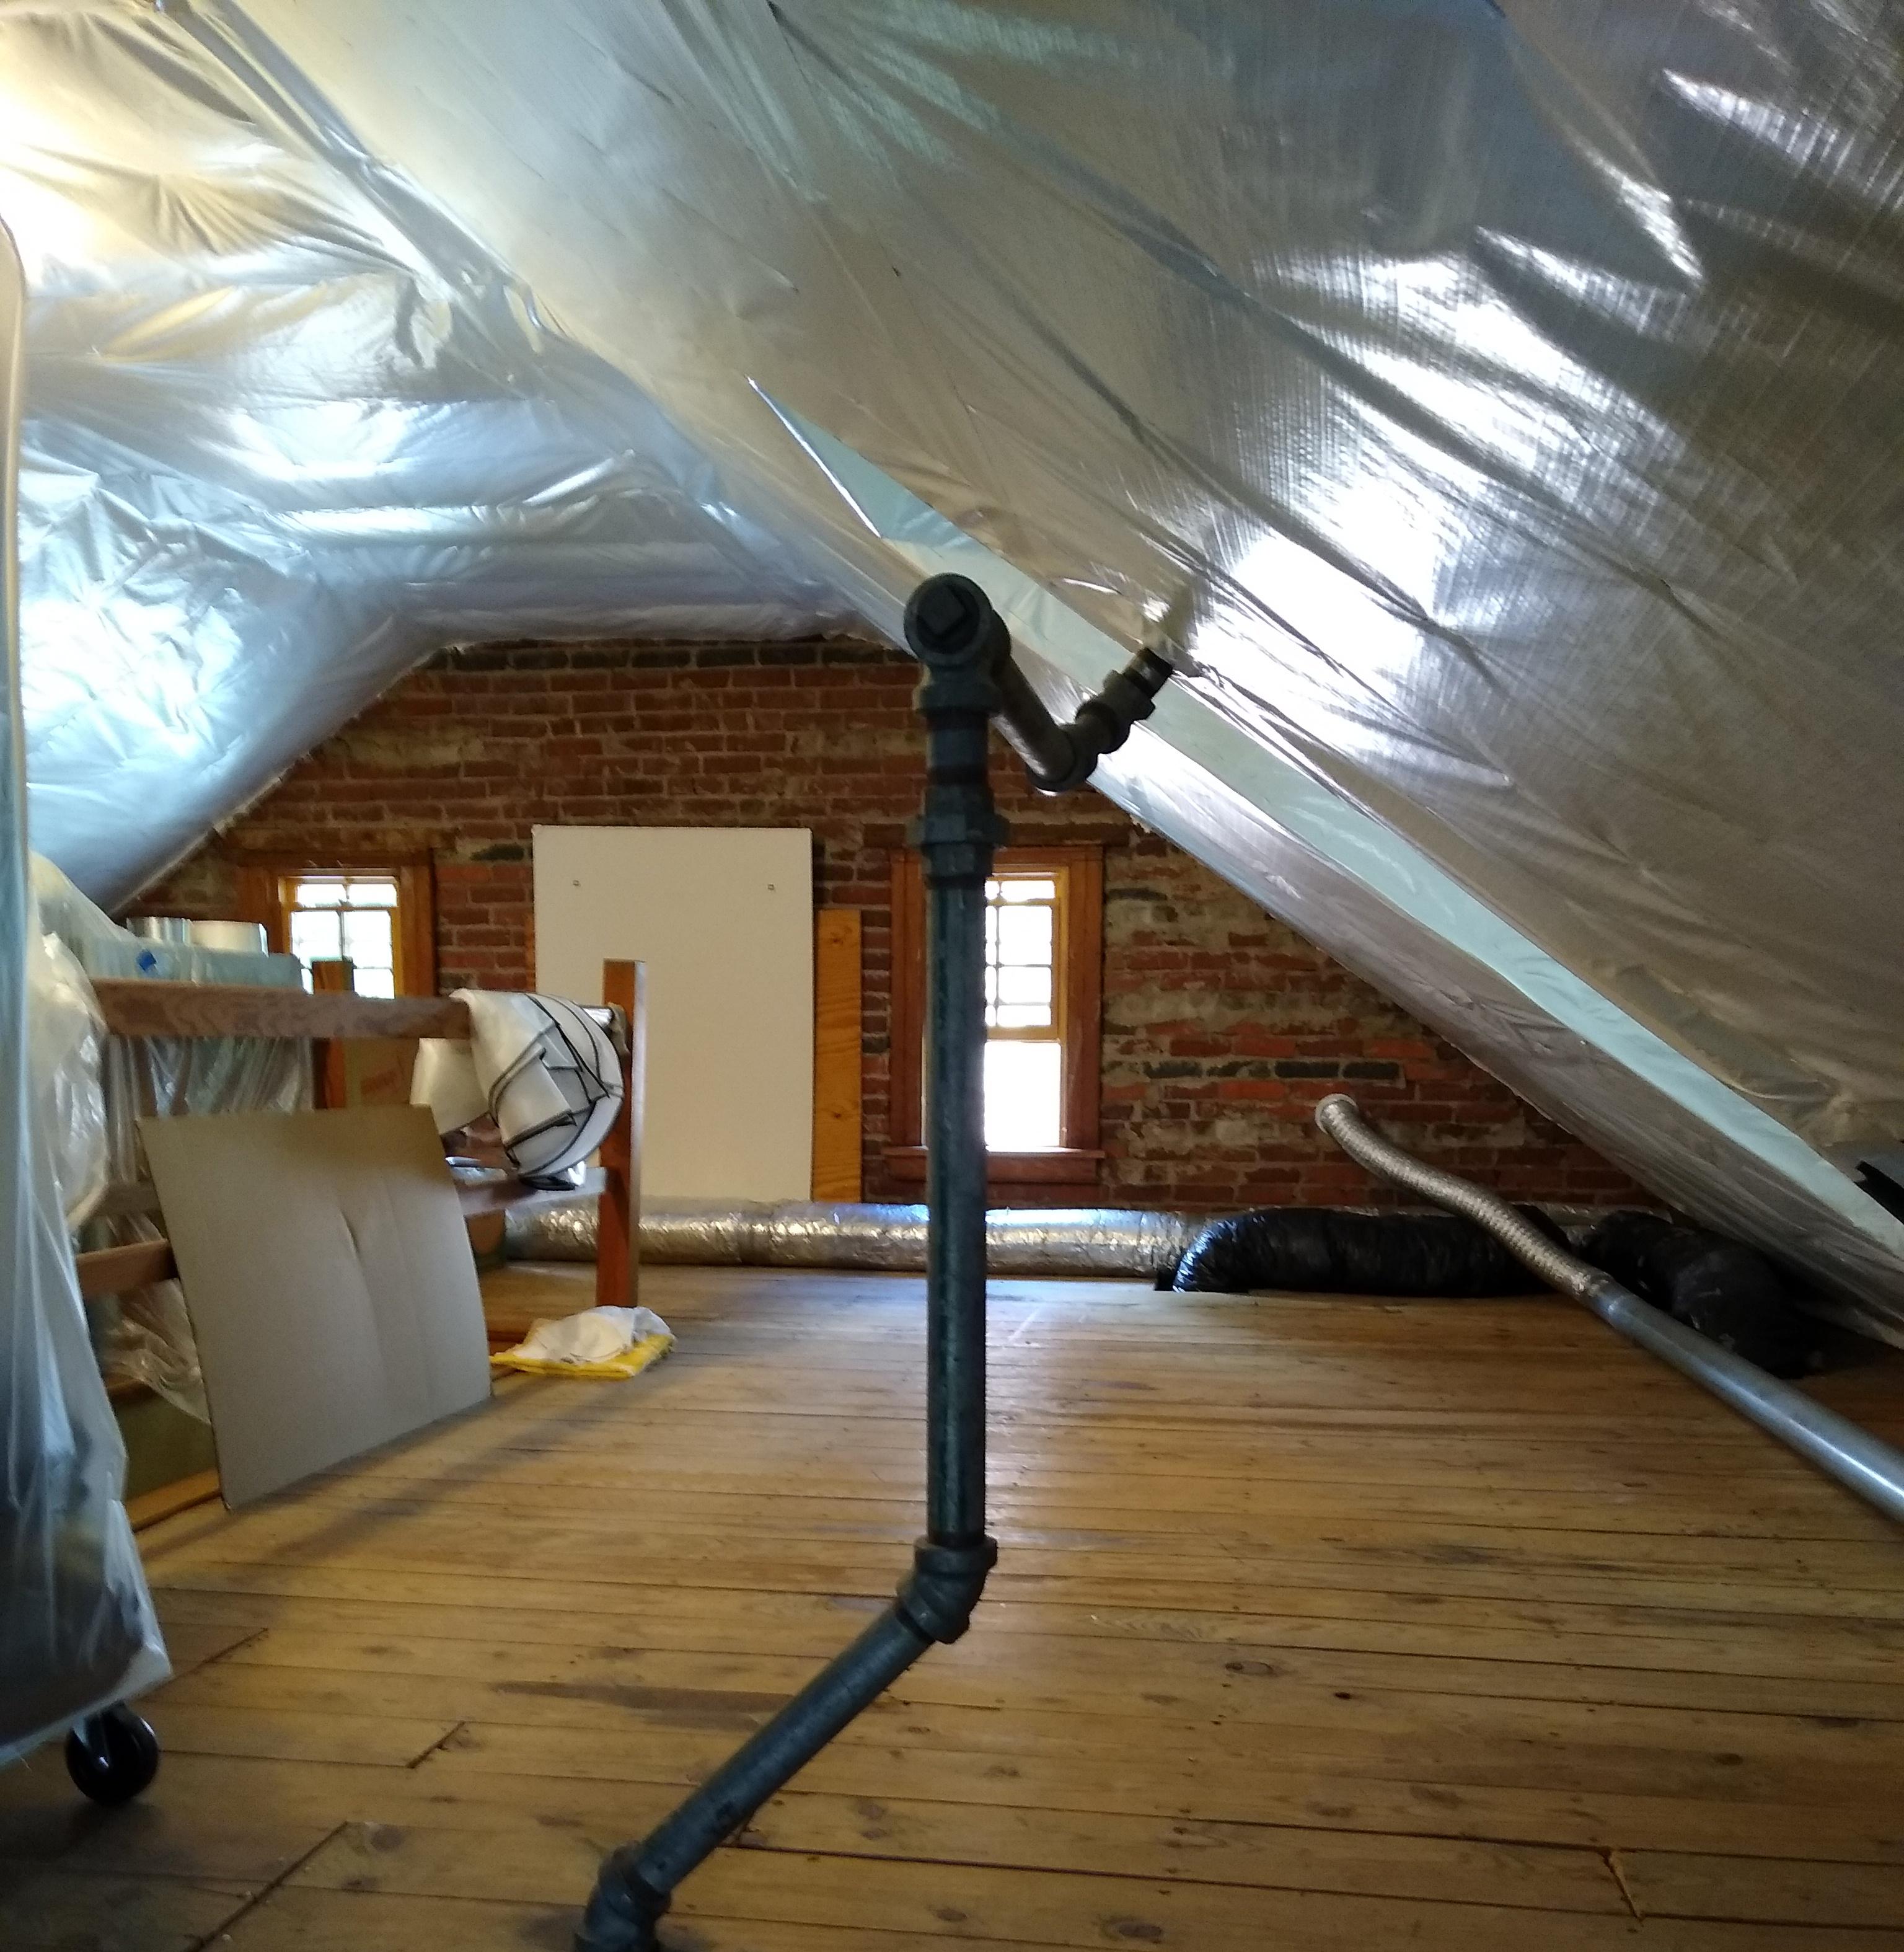 Tredegar Construction offers attic insulation solutions in the Richmond VA metro area